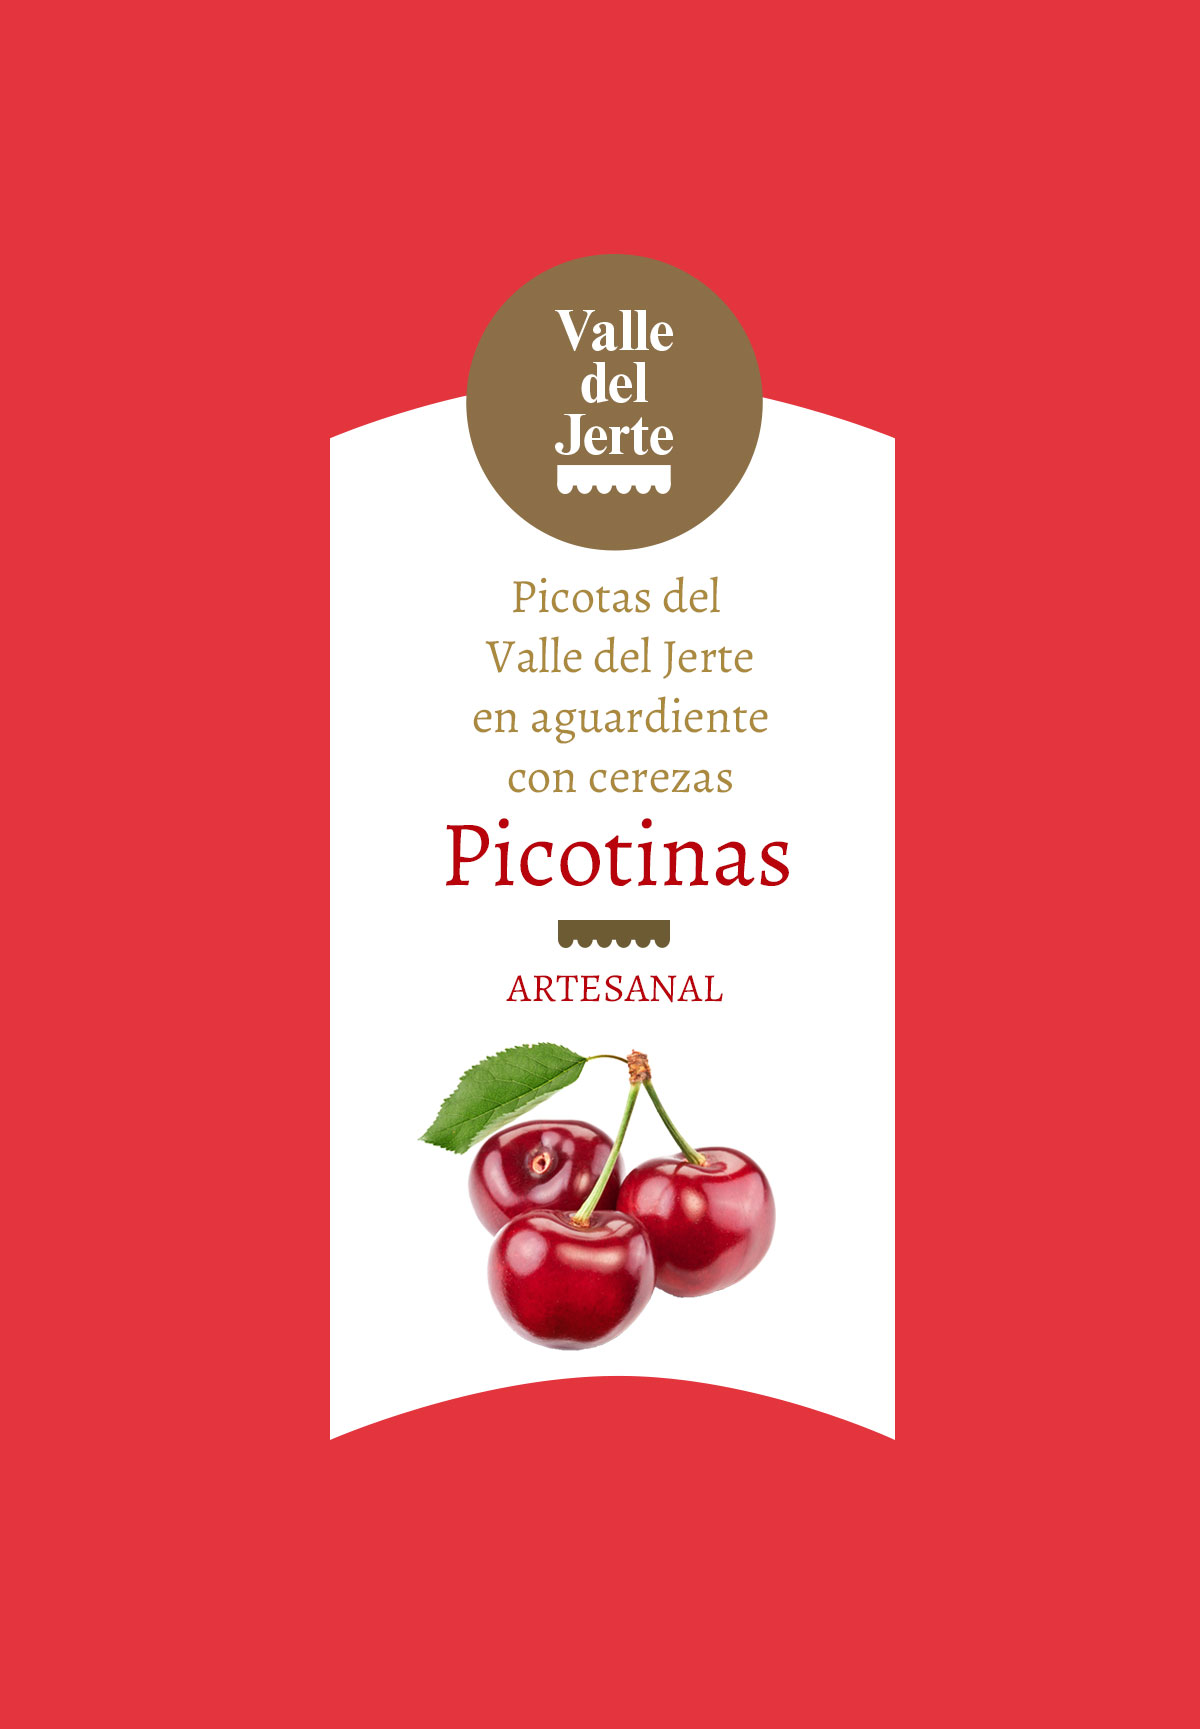 Etiquetas-Picotinas